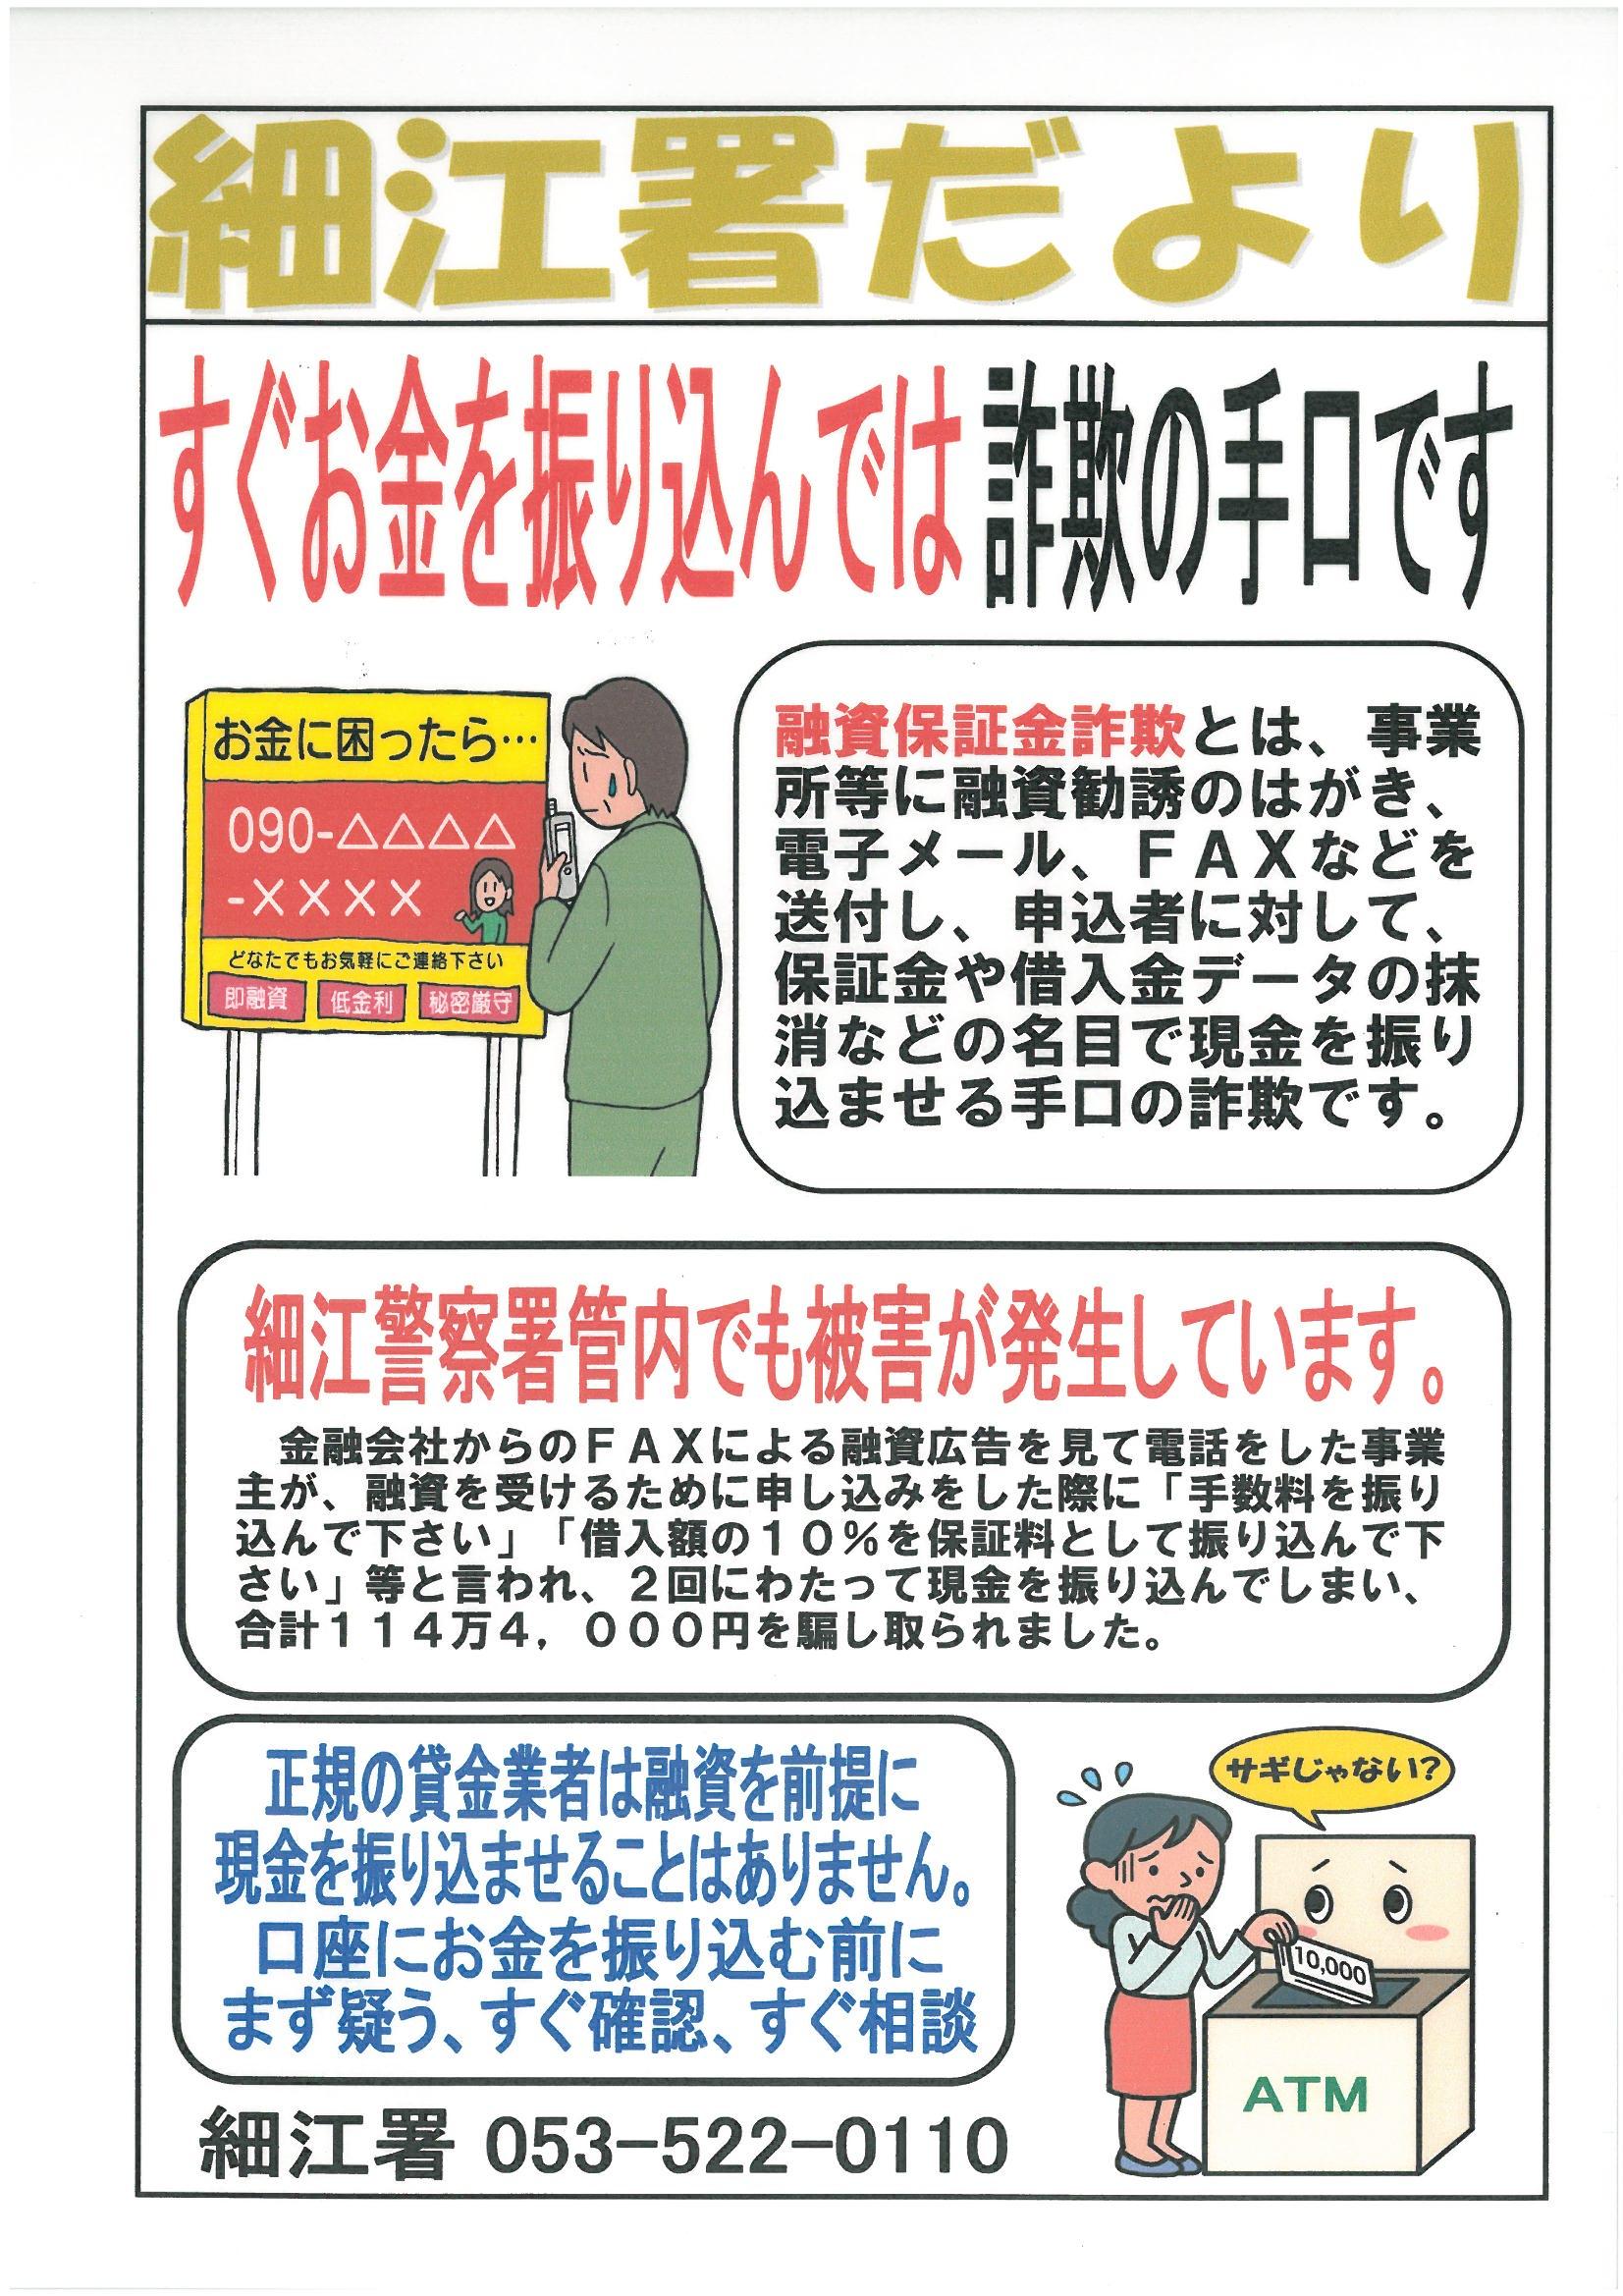 細江警察署からのお知らせ 2画像